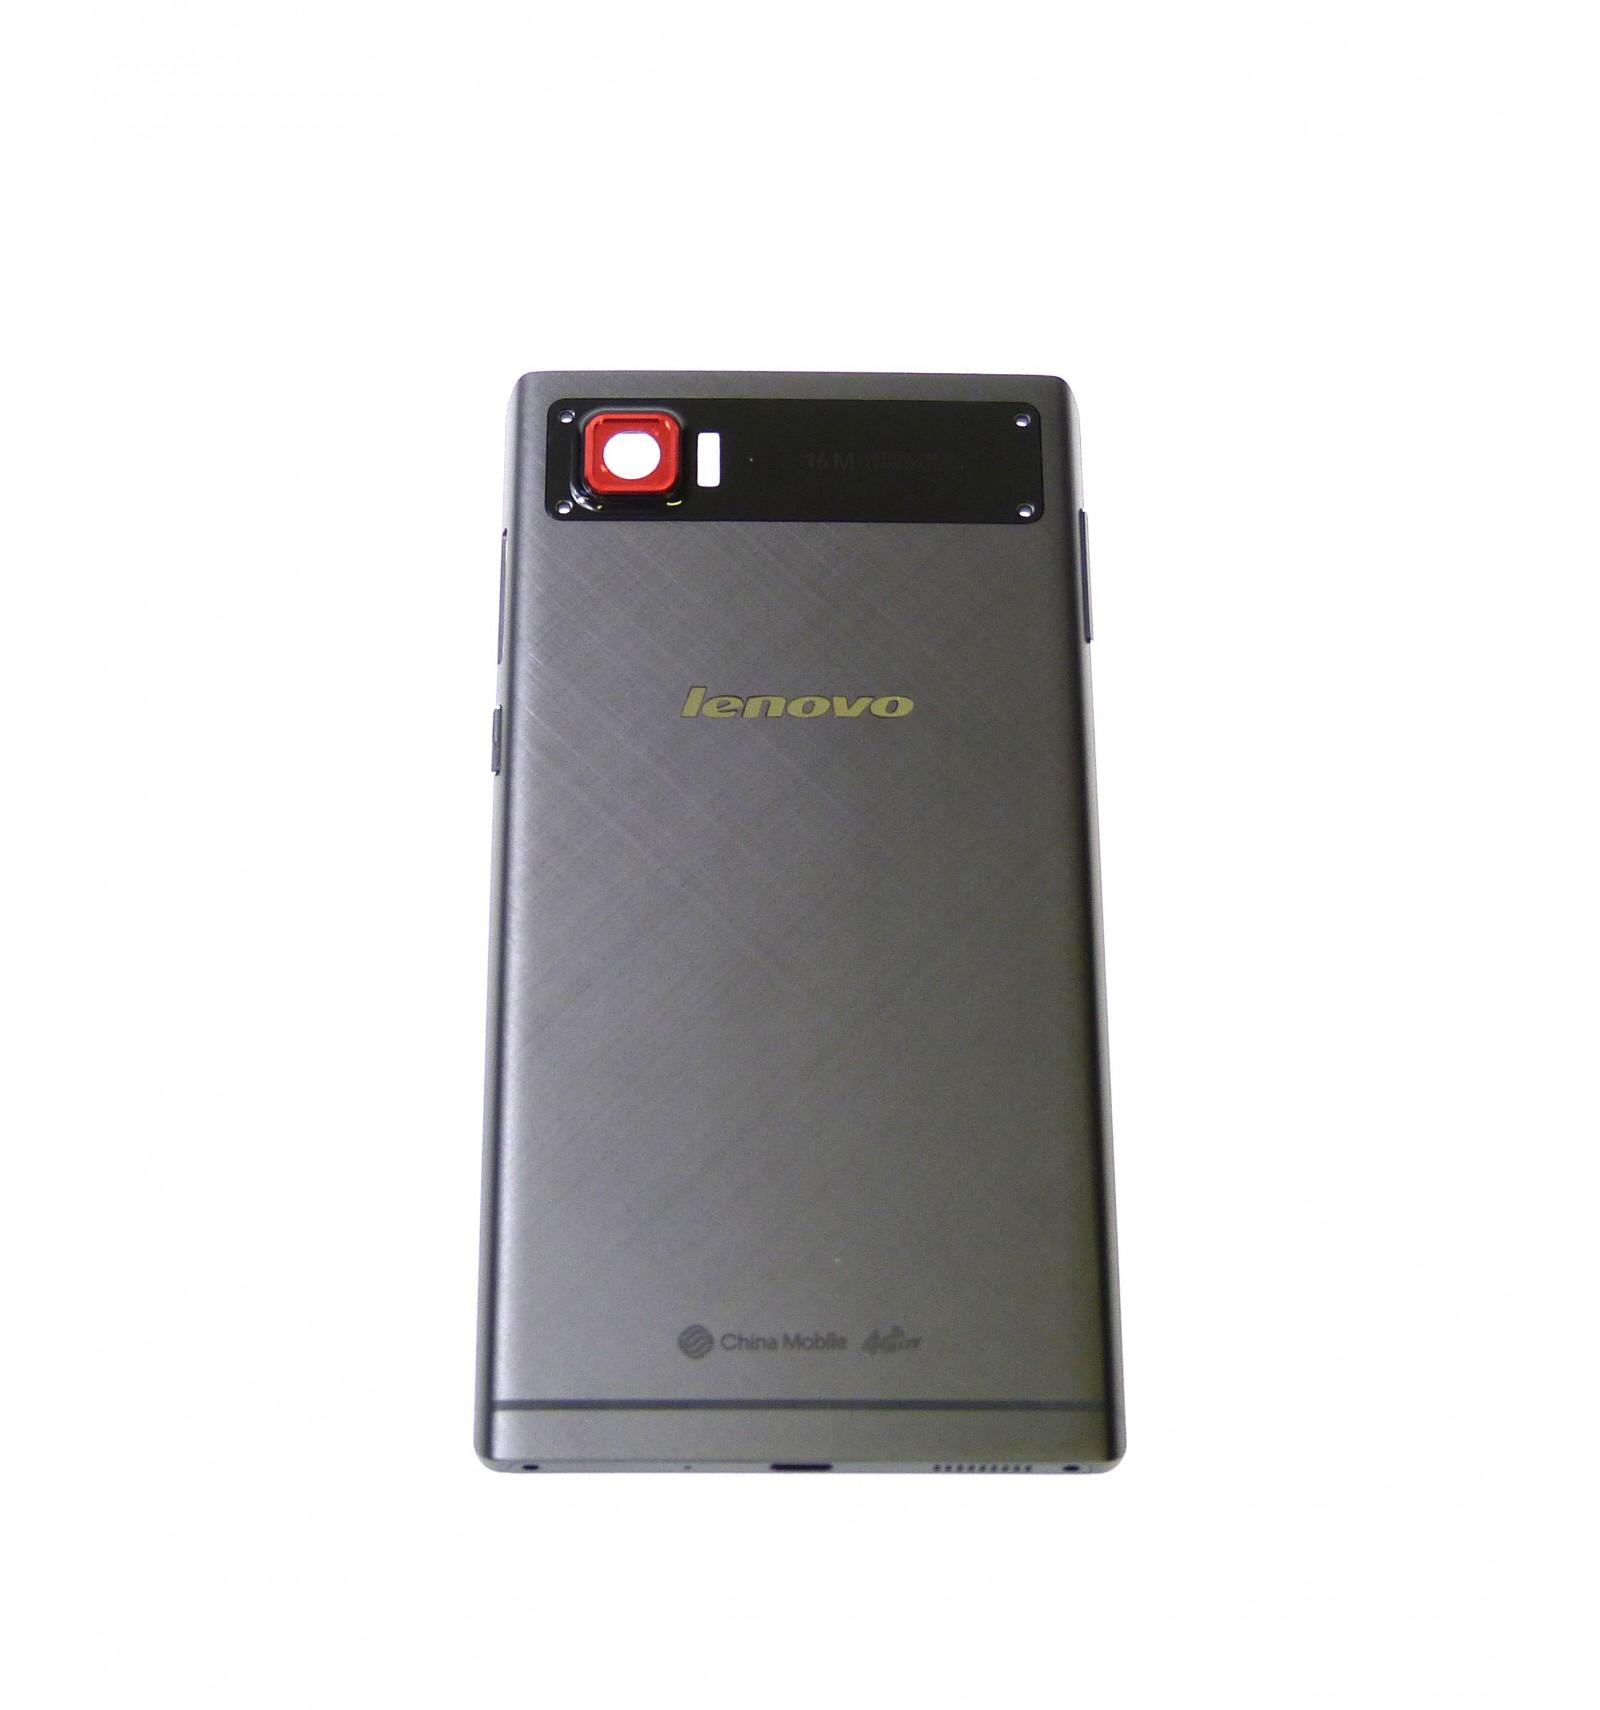 Battery Cover Black Oem For Lenovo Vibe Z2 Pro K920 S860 Dual Sim Card